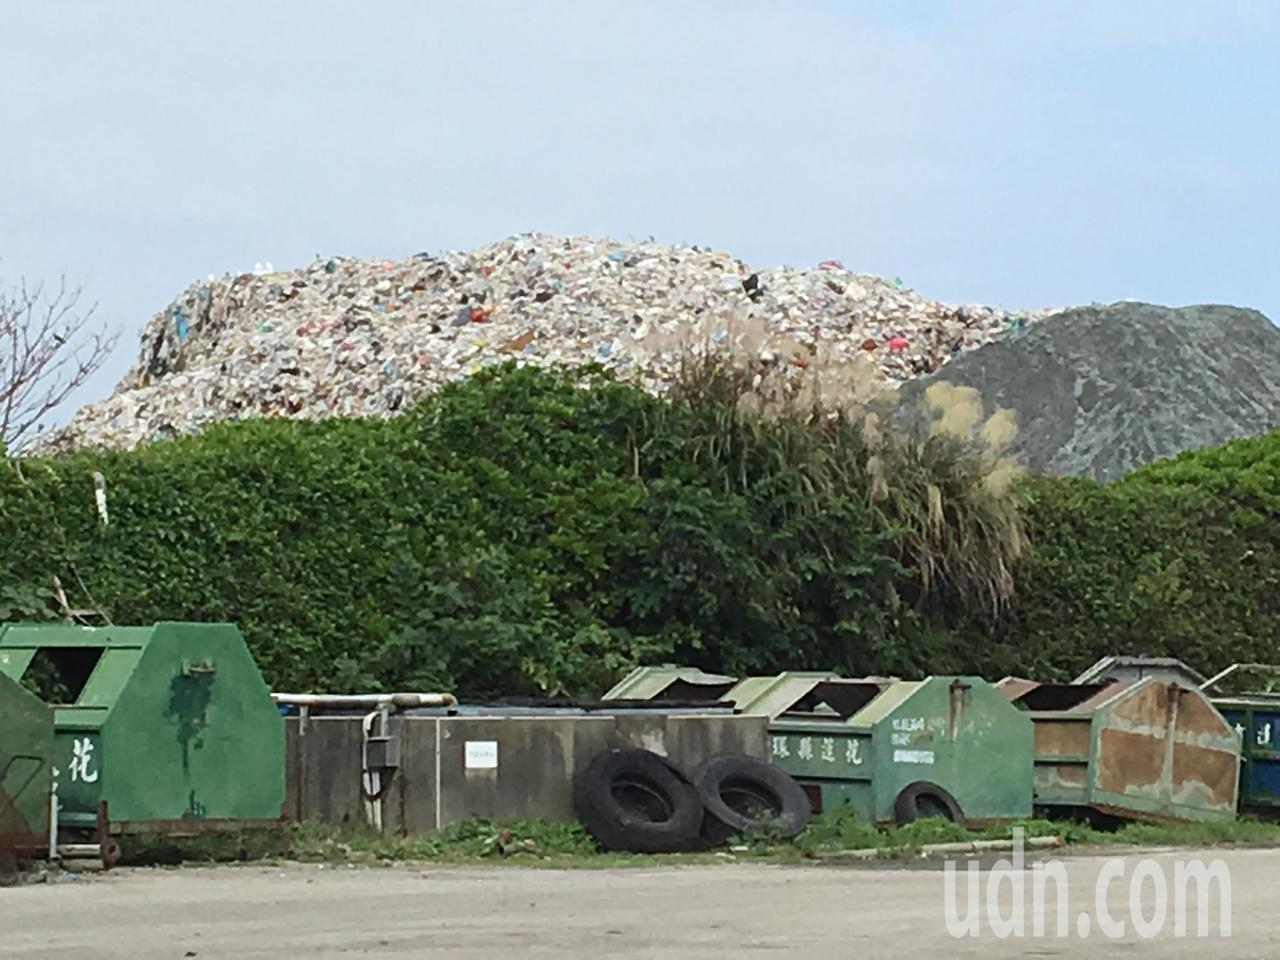 垃圾衛生掩埋場垃圾堆積如山。記者徐庭揚/攝影